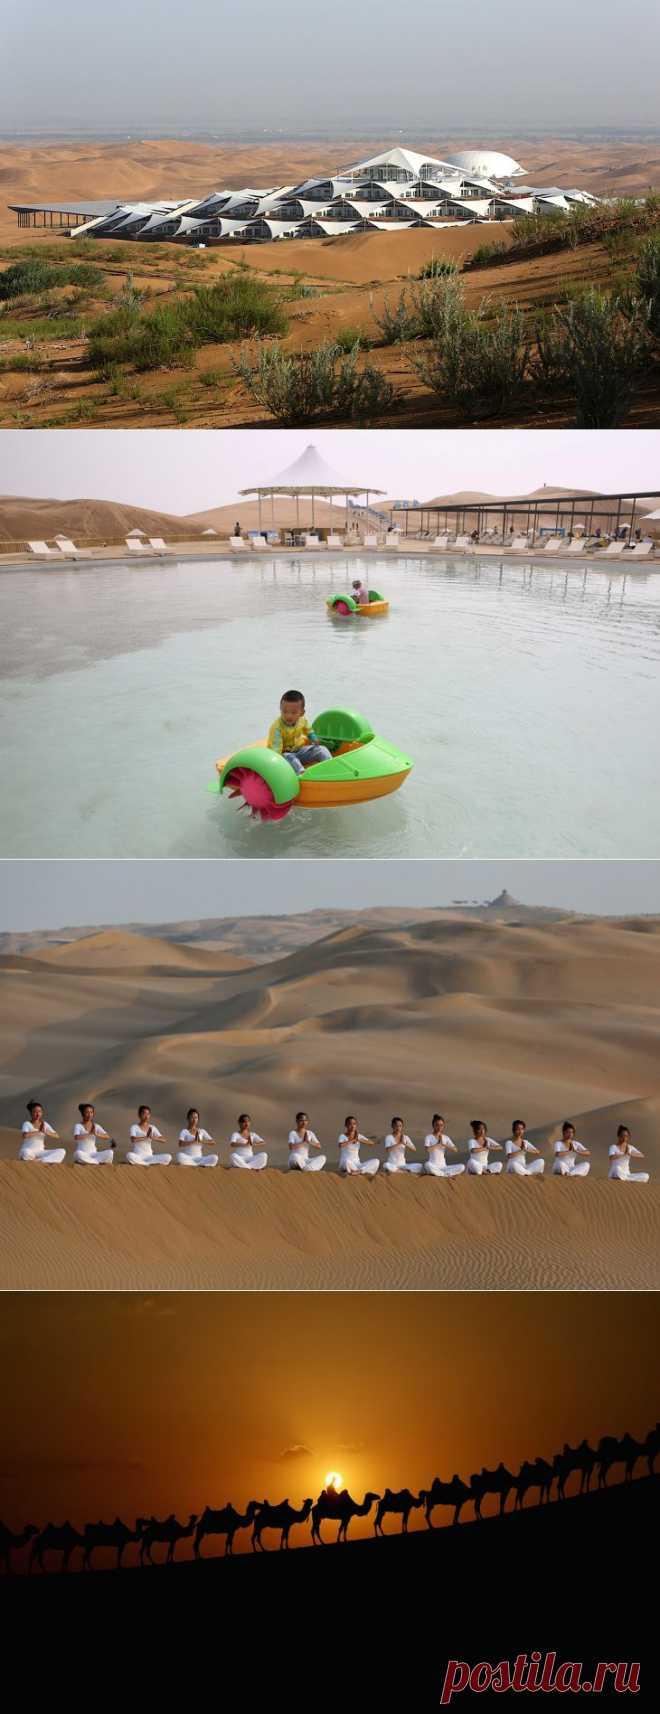 >> Необычный отель Песчаный Лотос и курорт в пустыне Xiangshawan   ФОТО НОВОСТИ